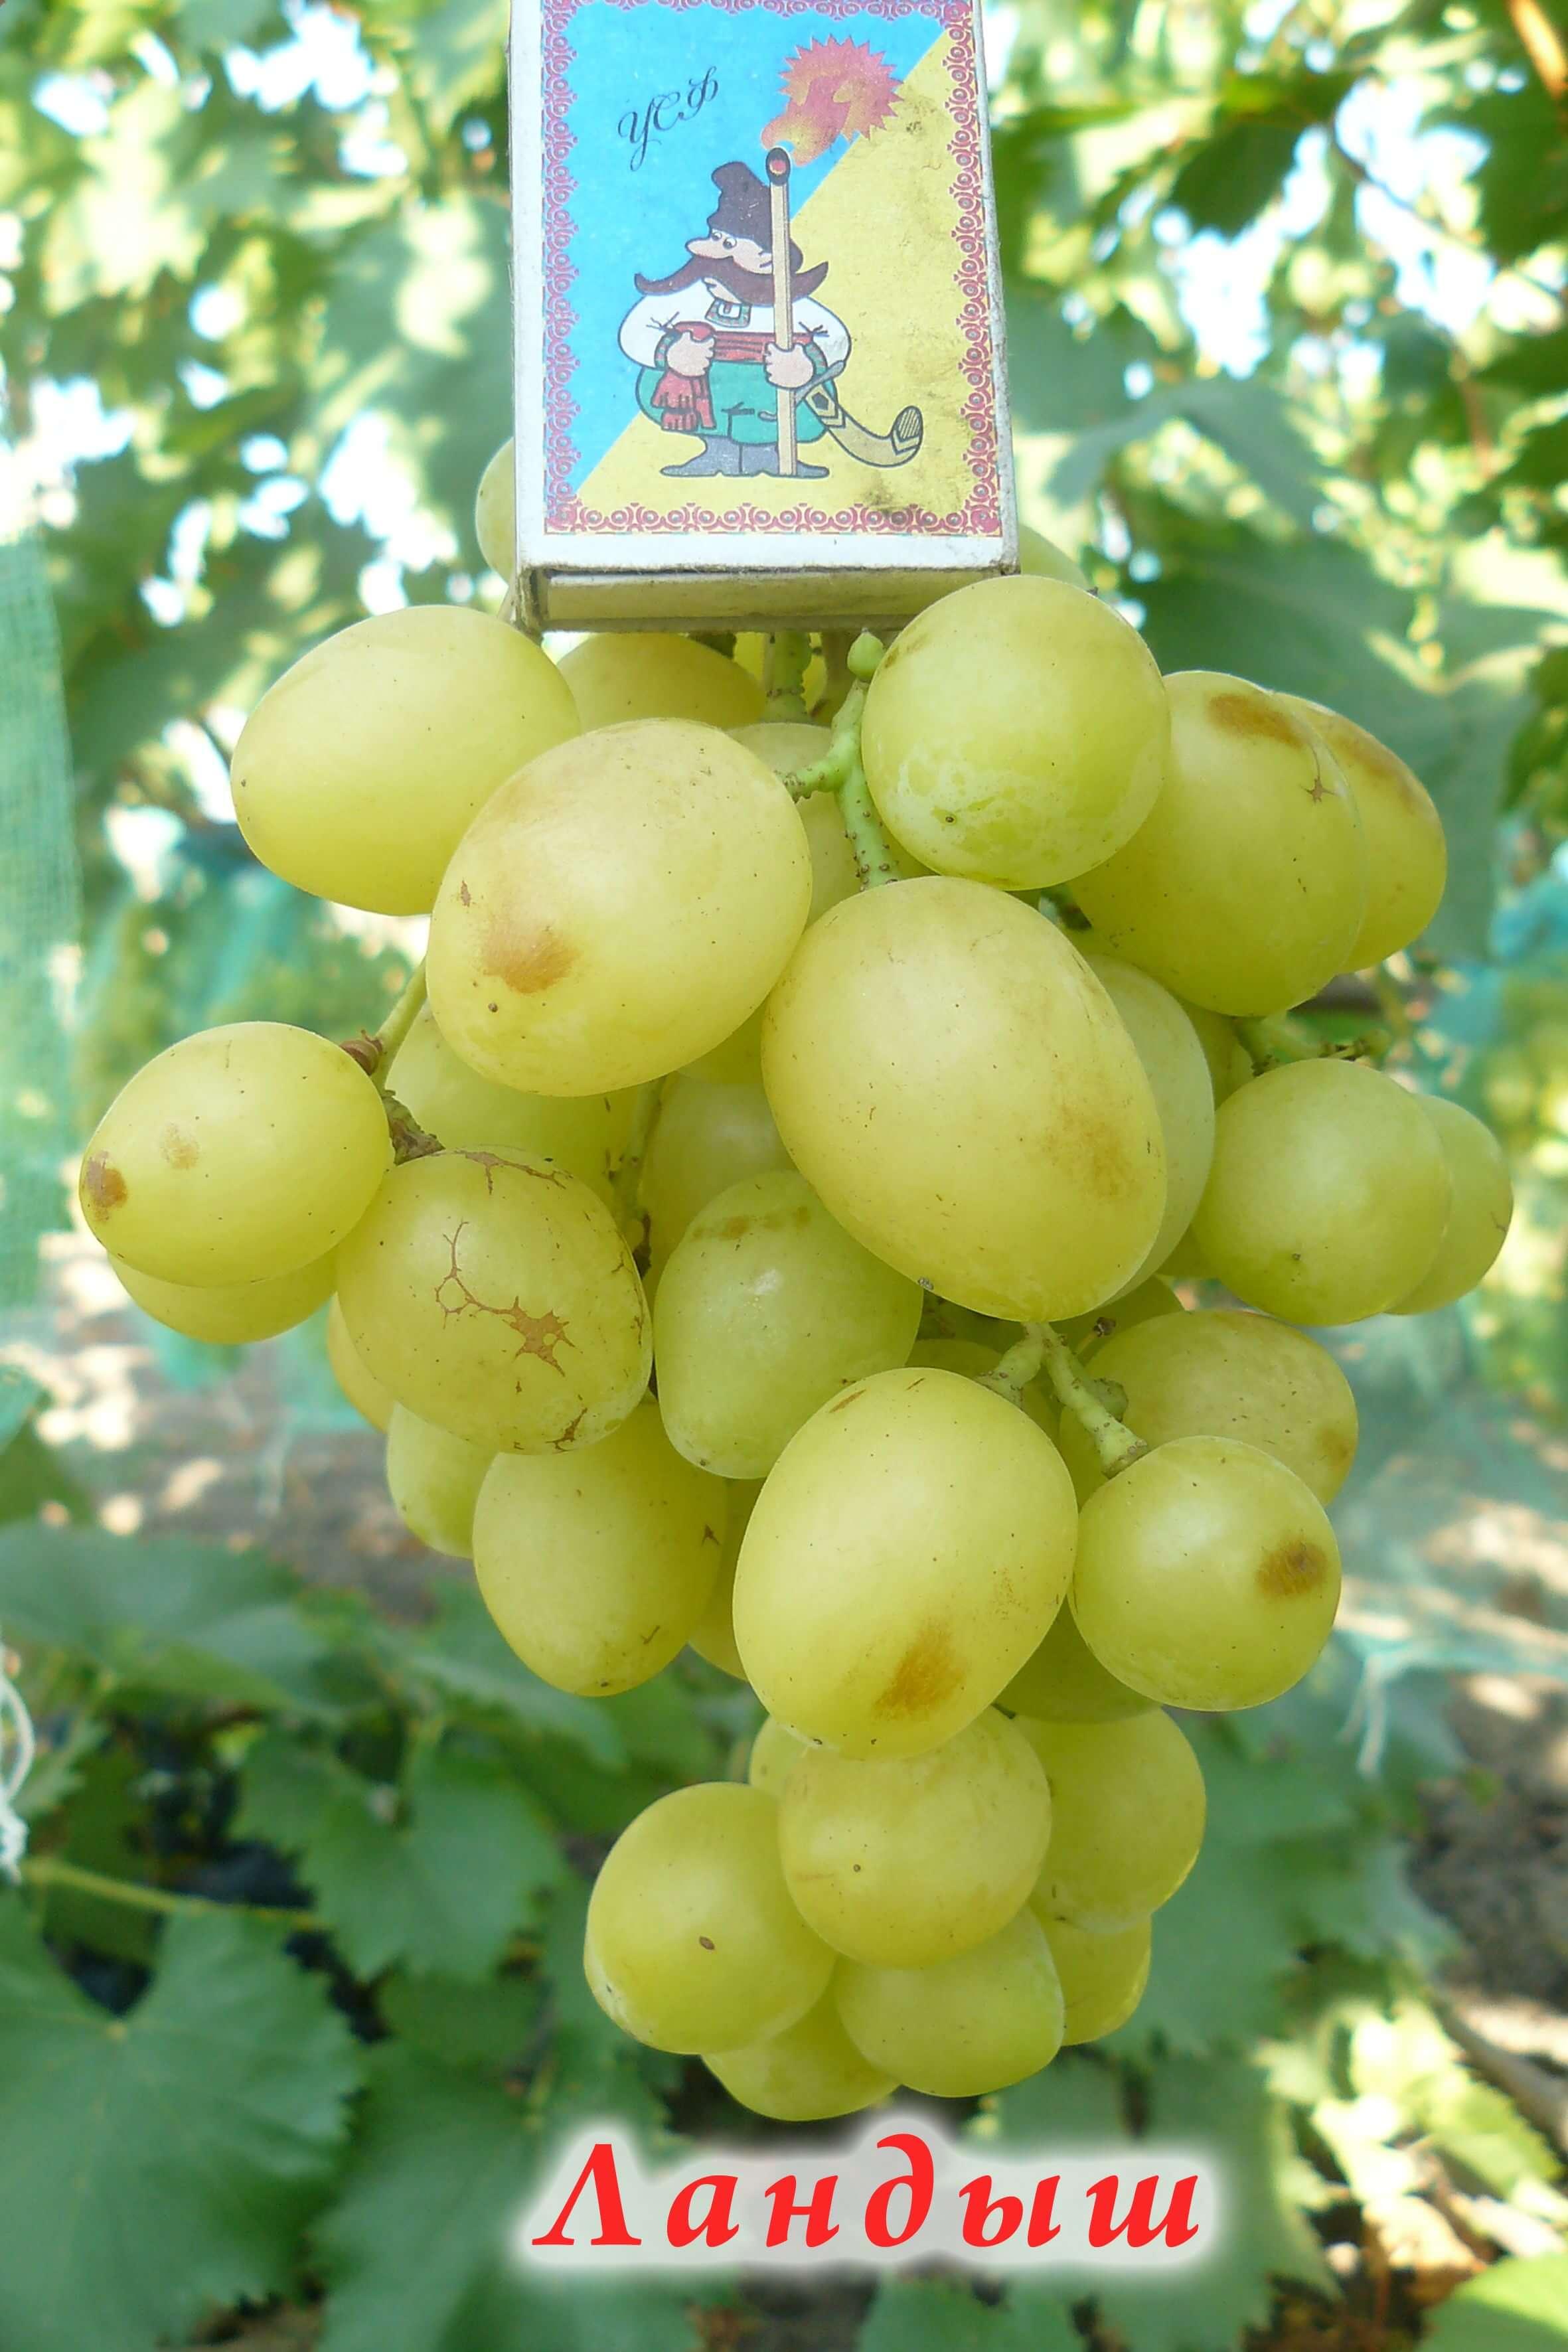 Сорт винограда «Ландыш»: описание, отличительные черты, качество урожая